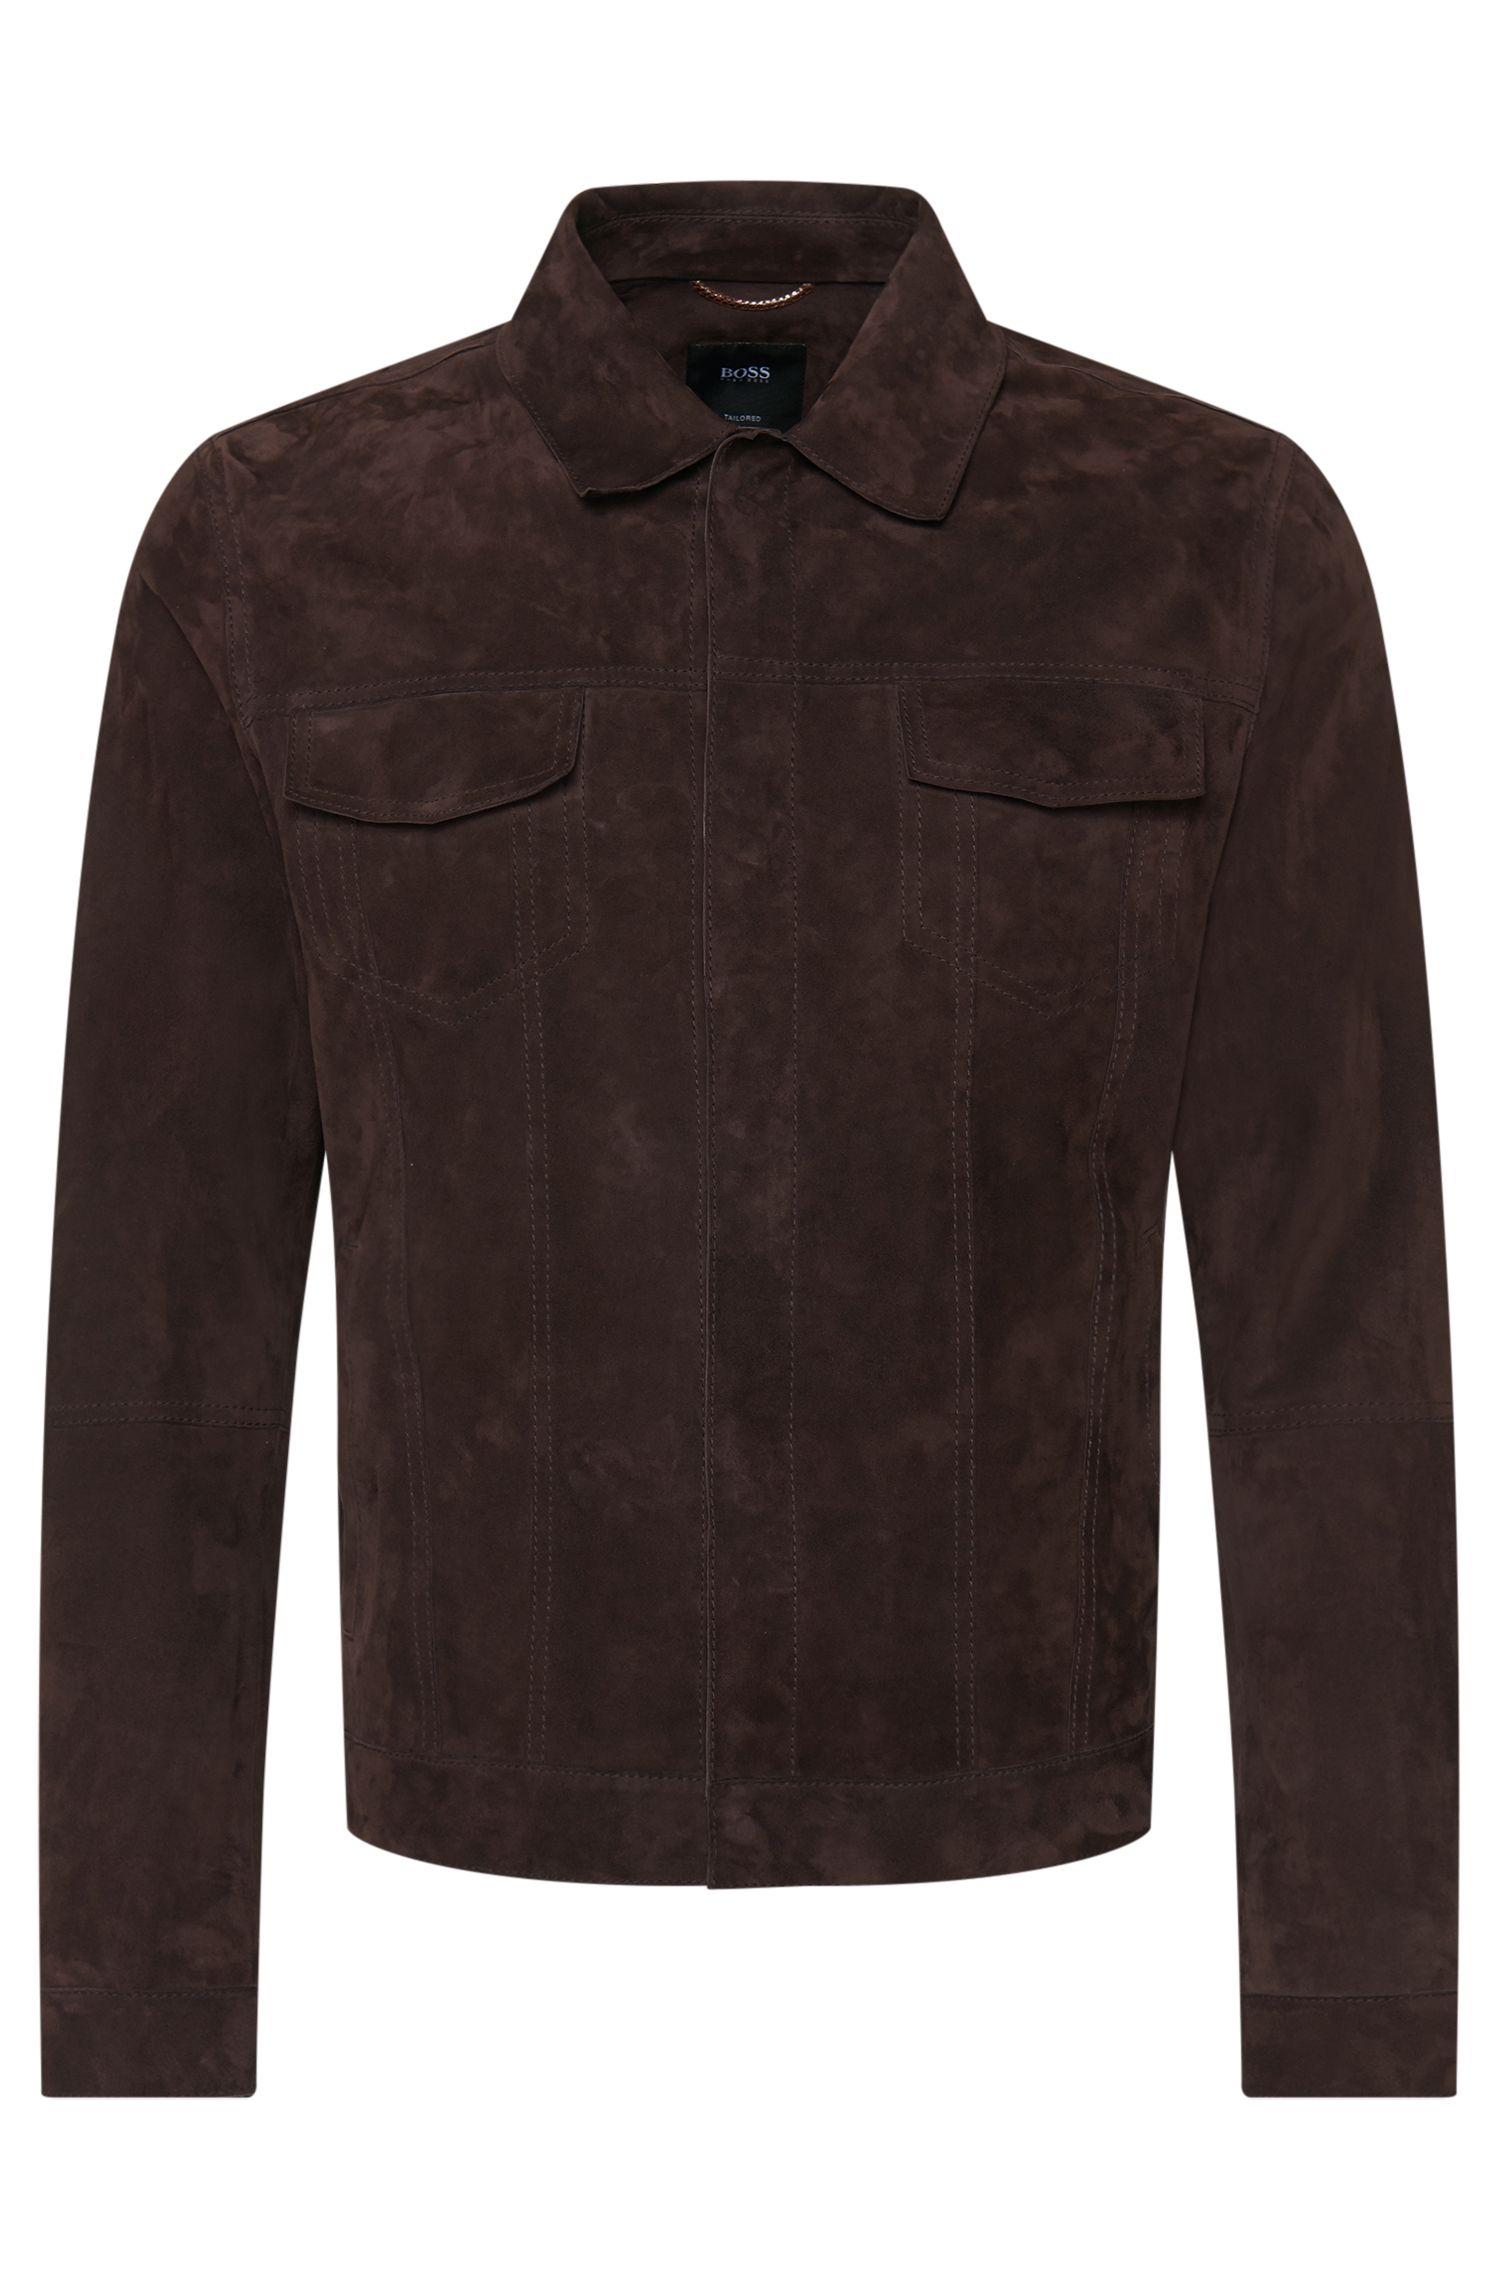 'T-Carpin' | Italian Suede Lambskin Jacket